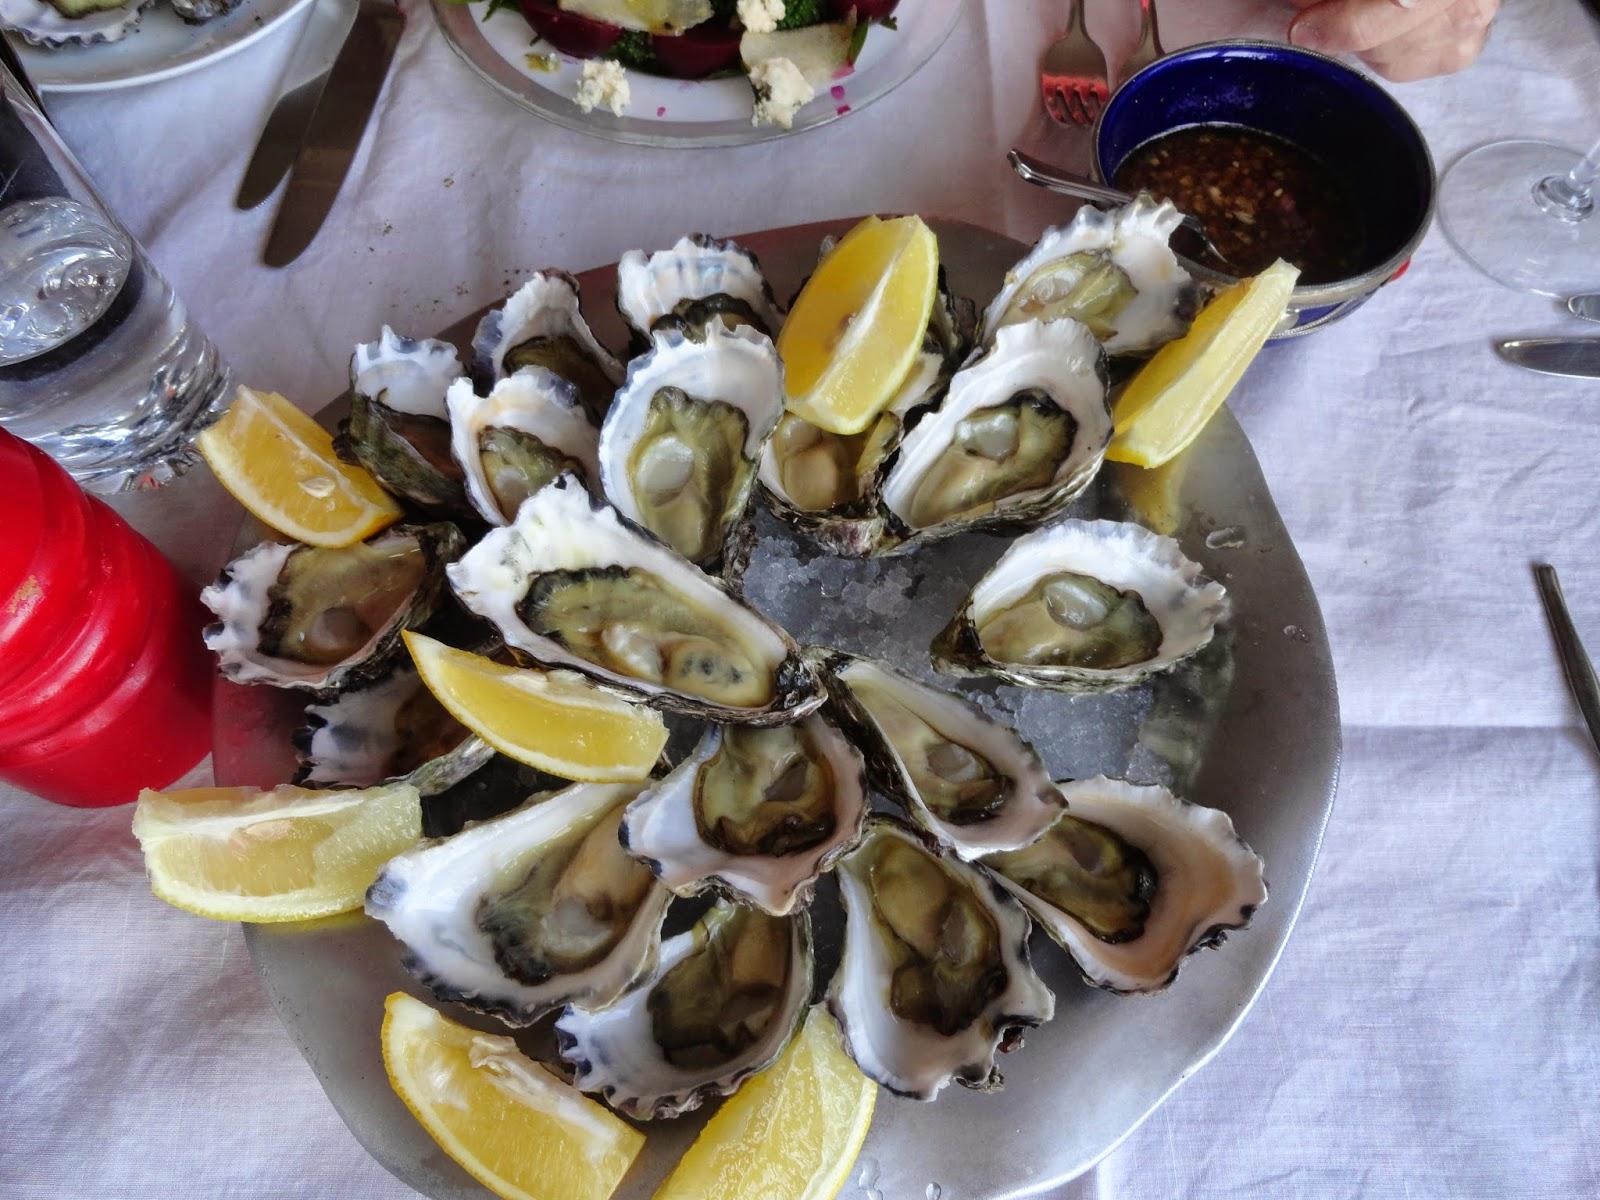 lovely starter of fresh oysters+balsamic venaigrette